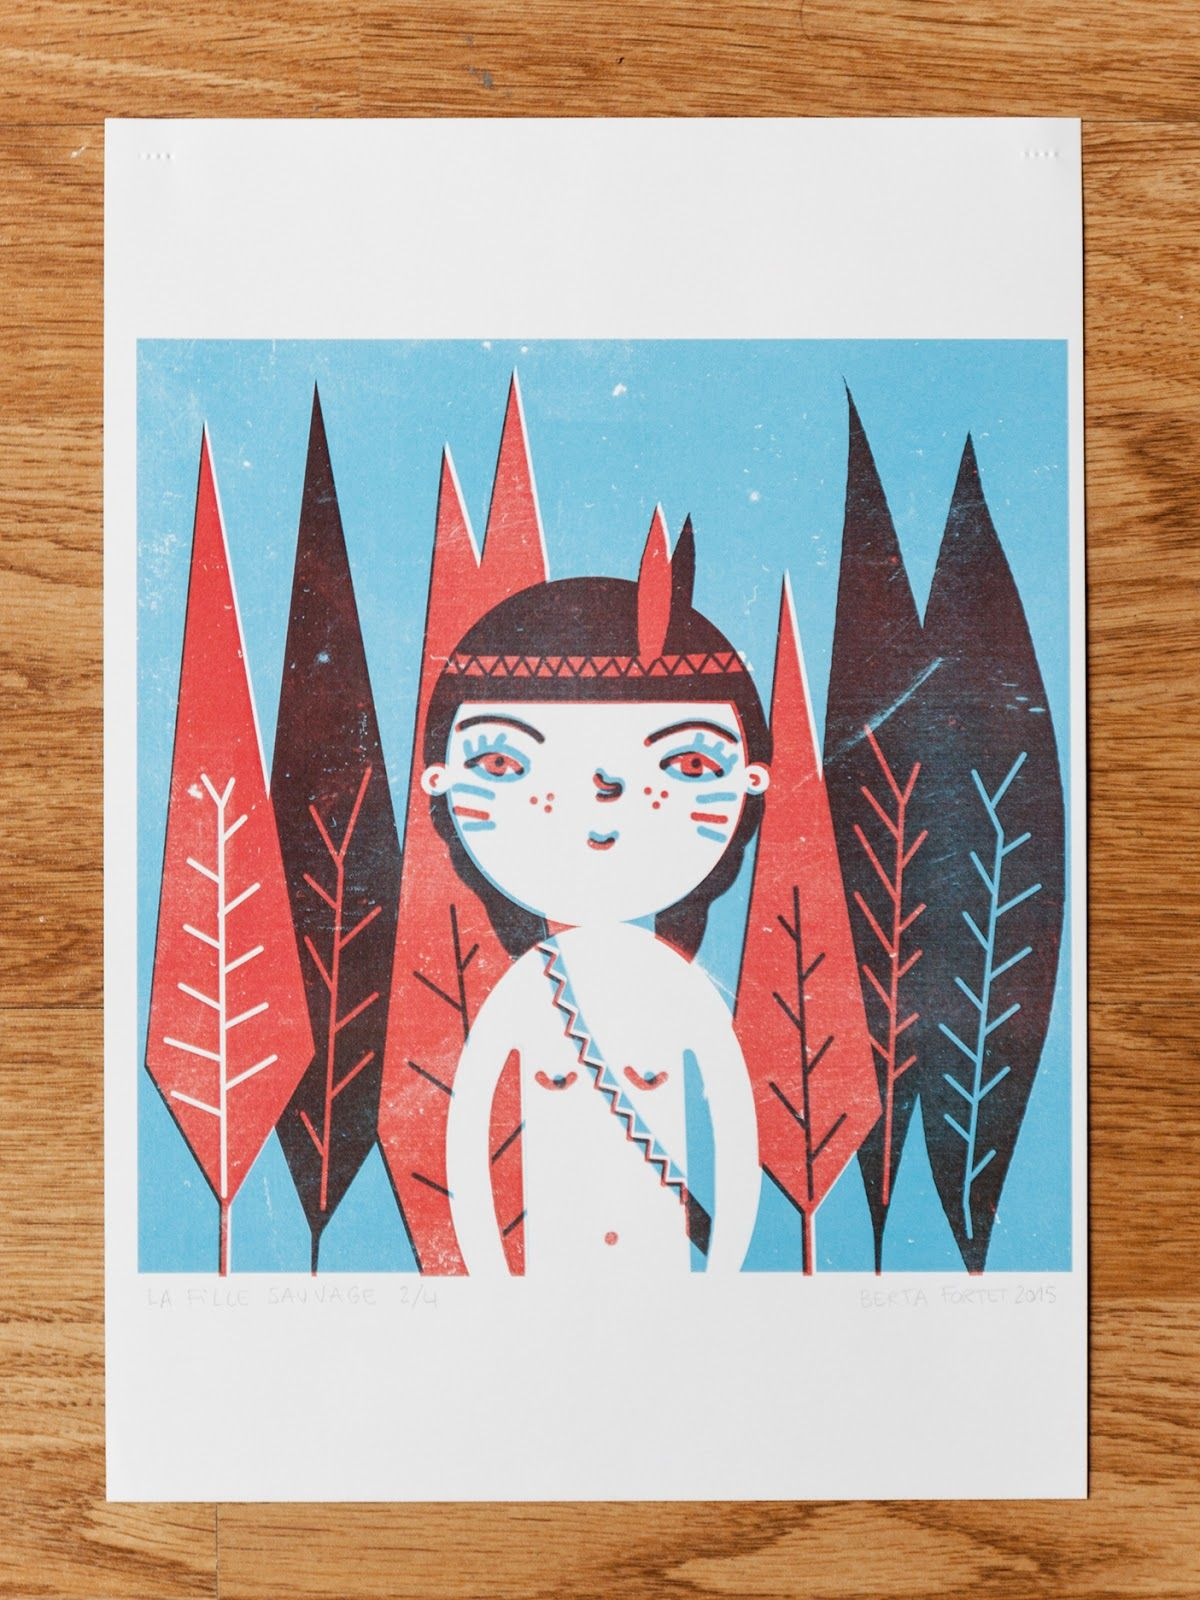 Risografia bertafortet.blogspot.com